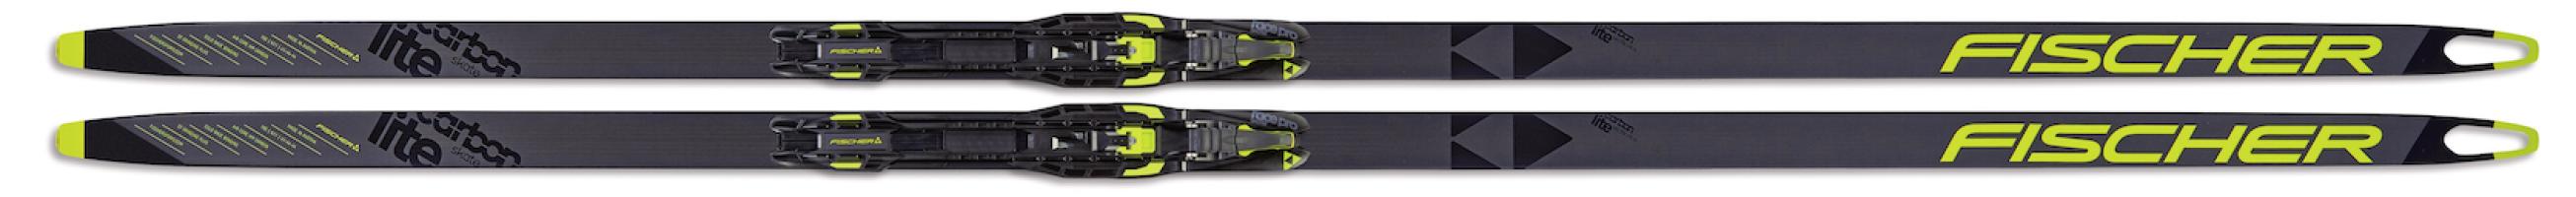 FISCHER CARBONLITE SKATE - Modell 2019/20